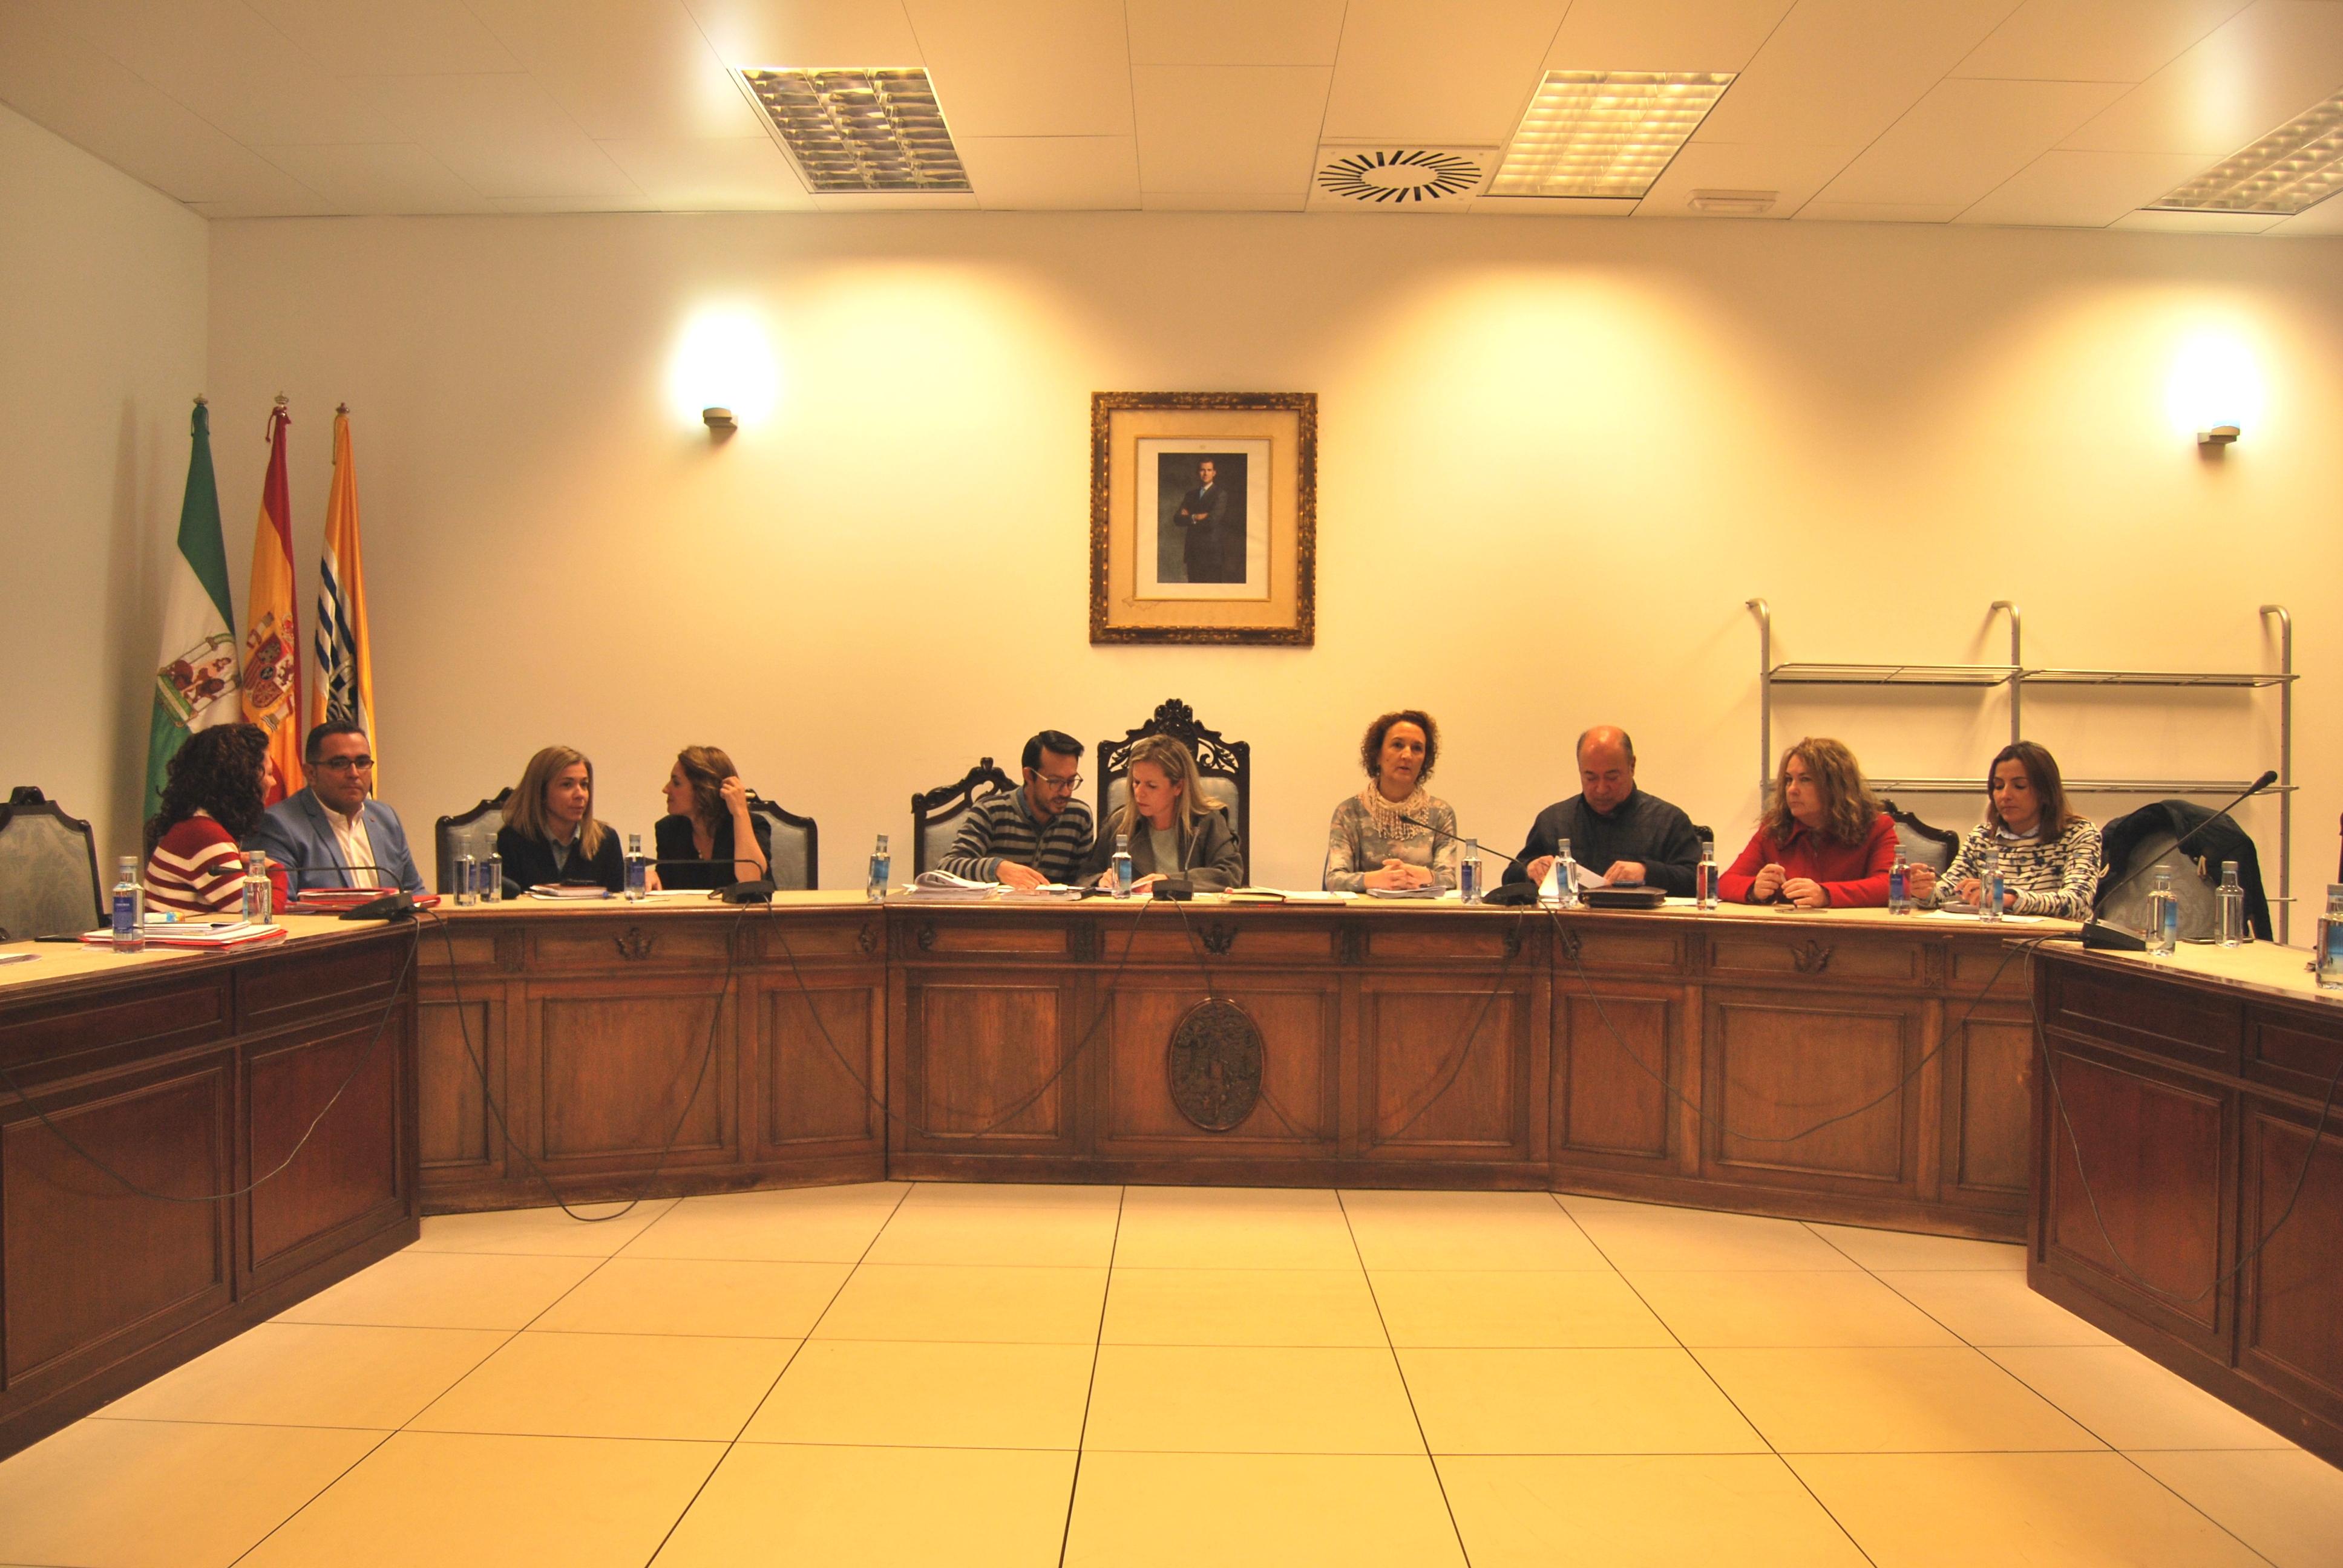 El ayuntamiento de Isla Cristina busca congelar el IBI en 2018 y 2019